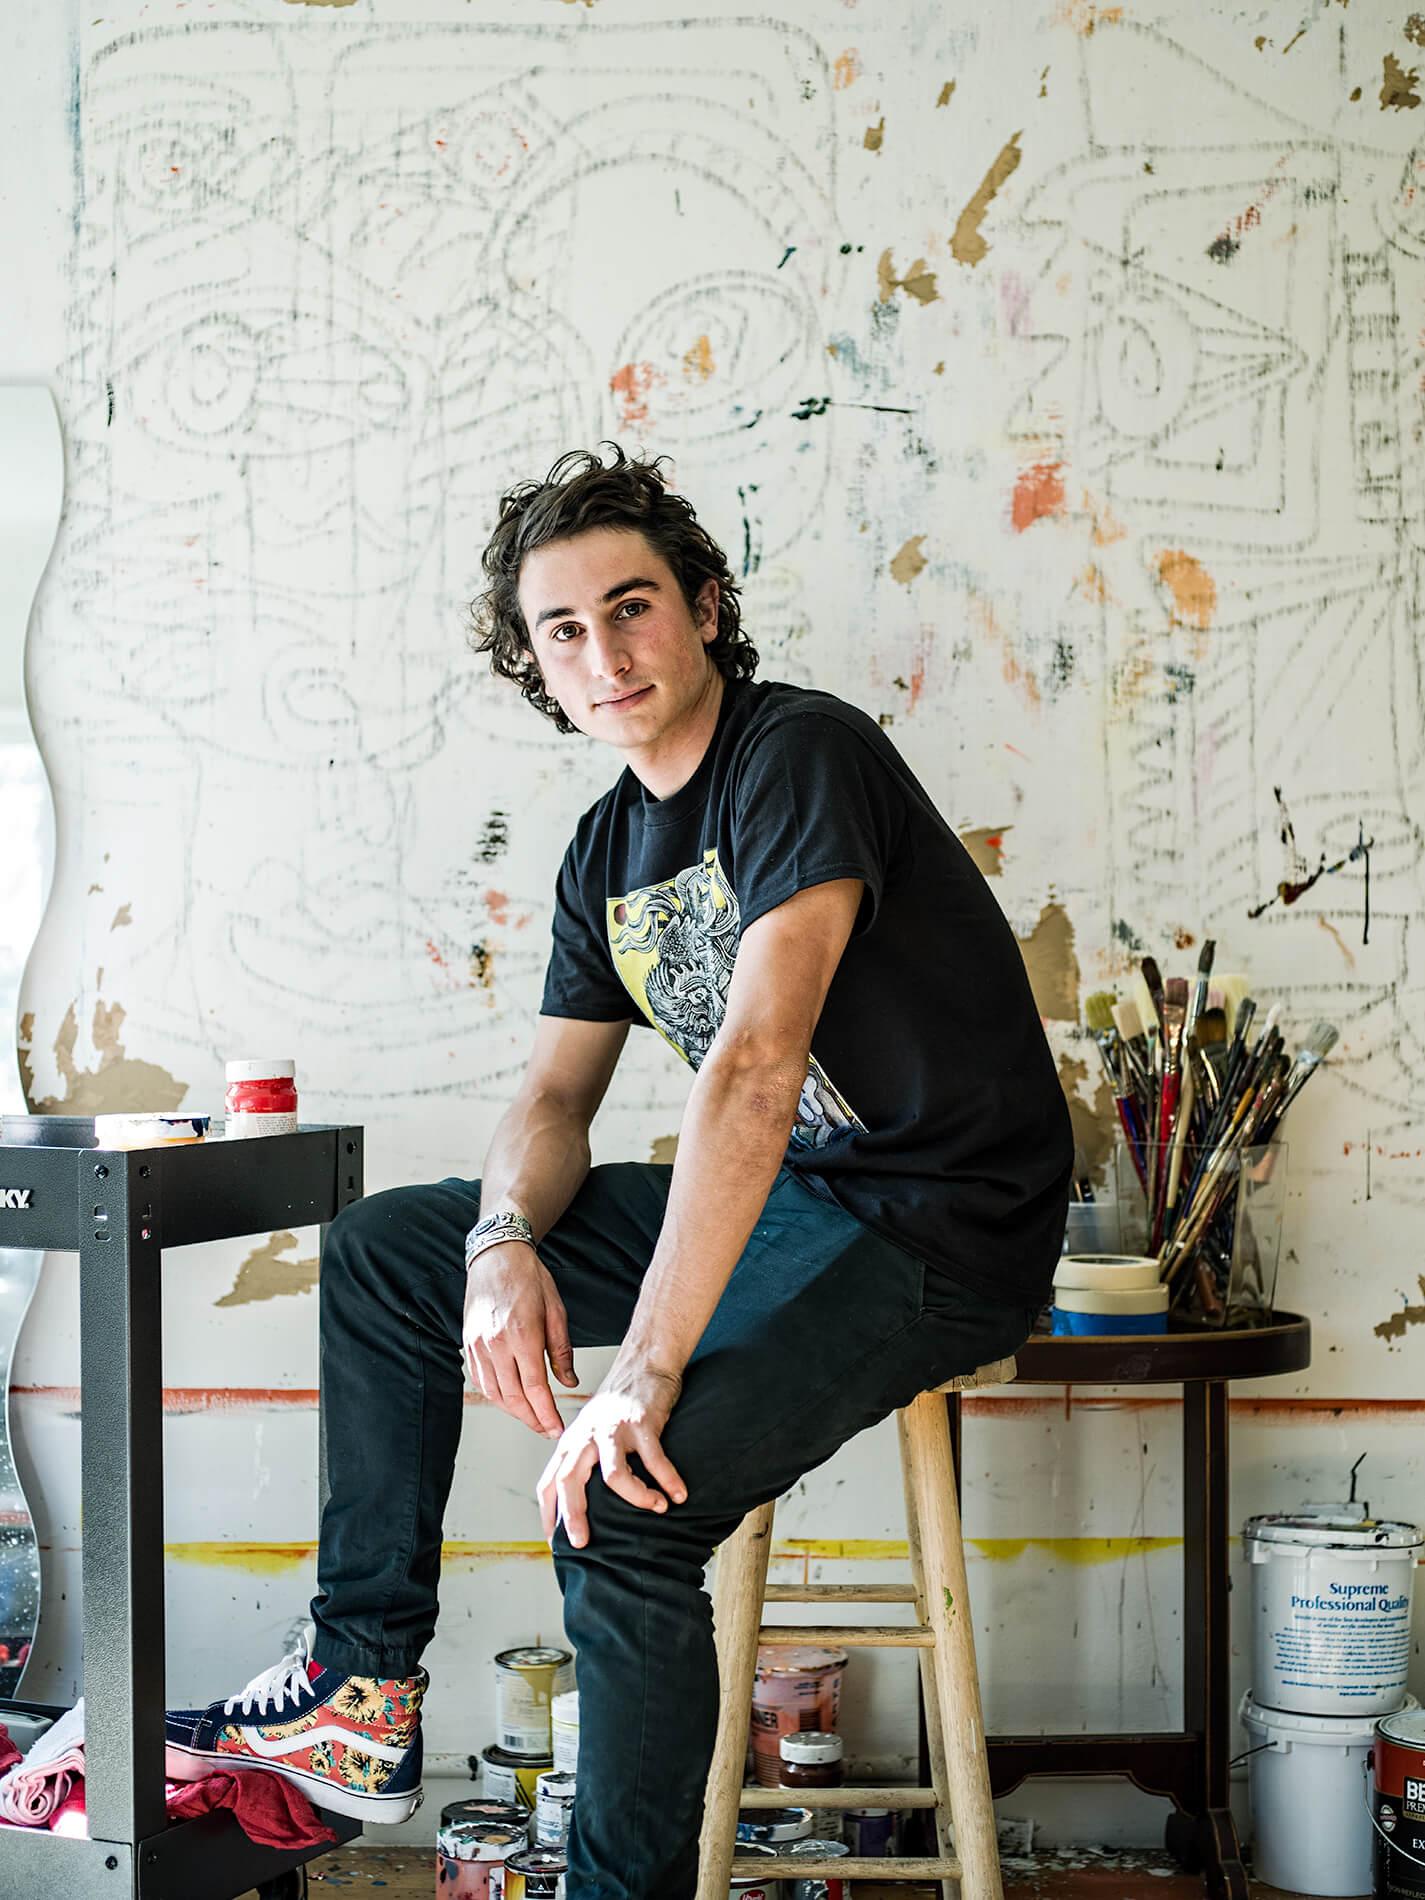 Zio Ziegler portrait in studio